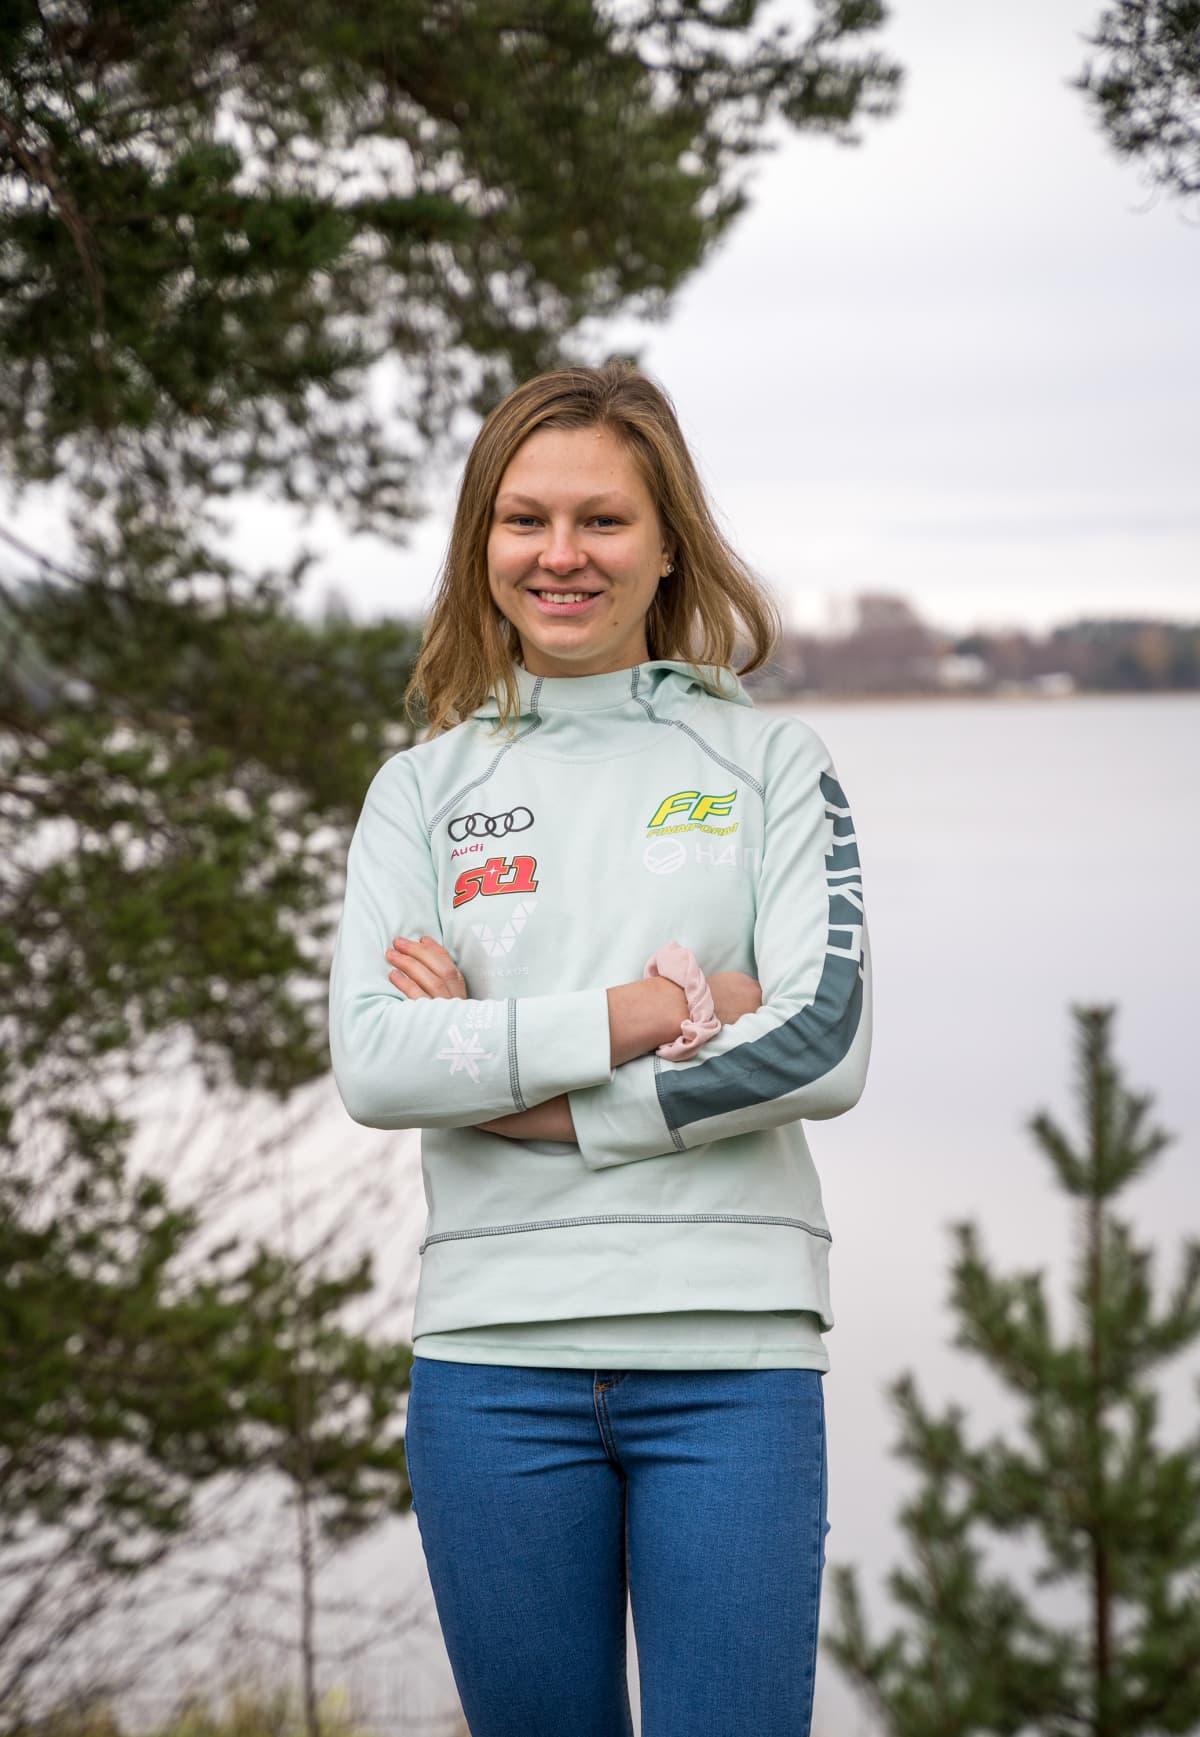 Eveliina Piippo kuvattuna ennen kauden 2020–2021 alkua. Kaudesta tuli hänelle toistaiseksi uran vaikein.